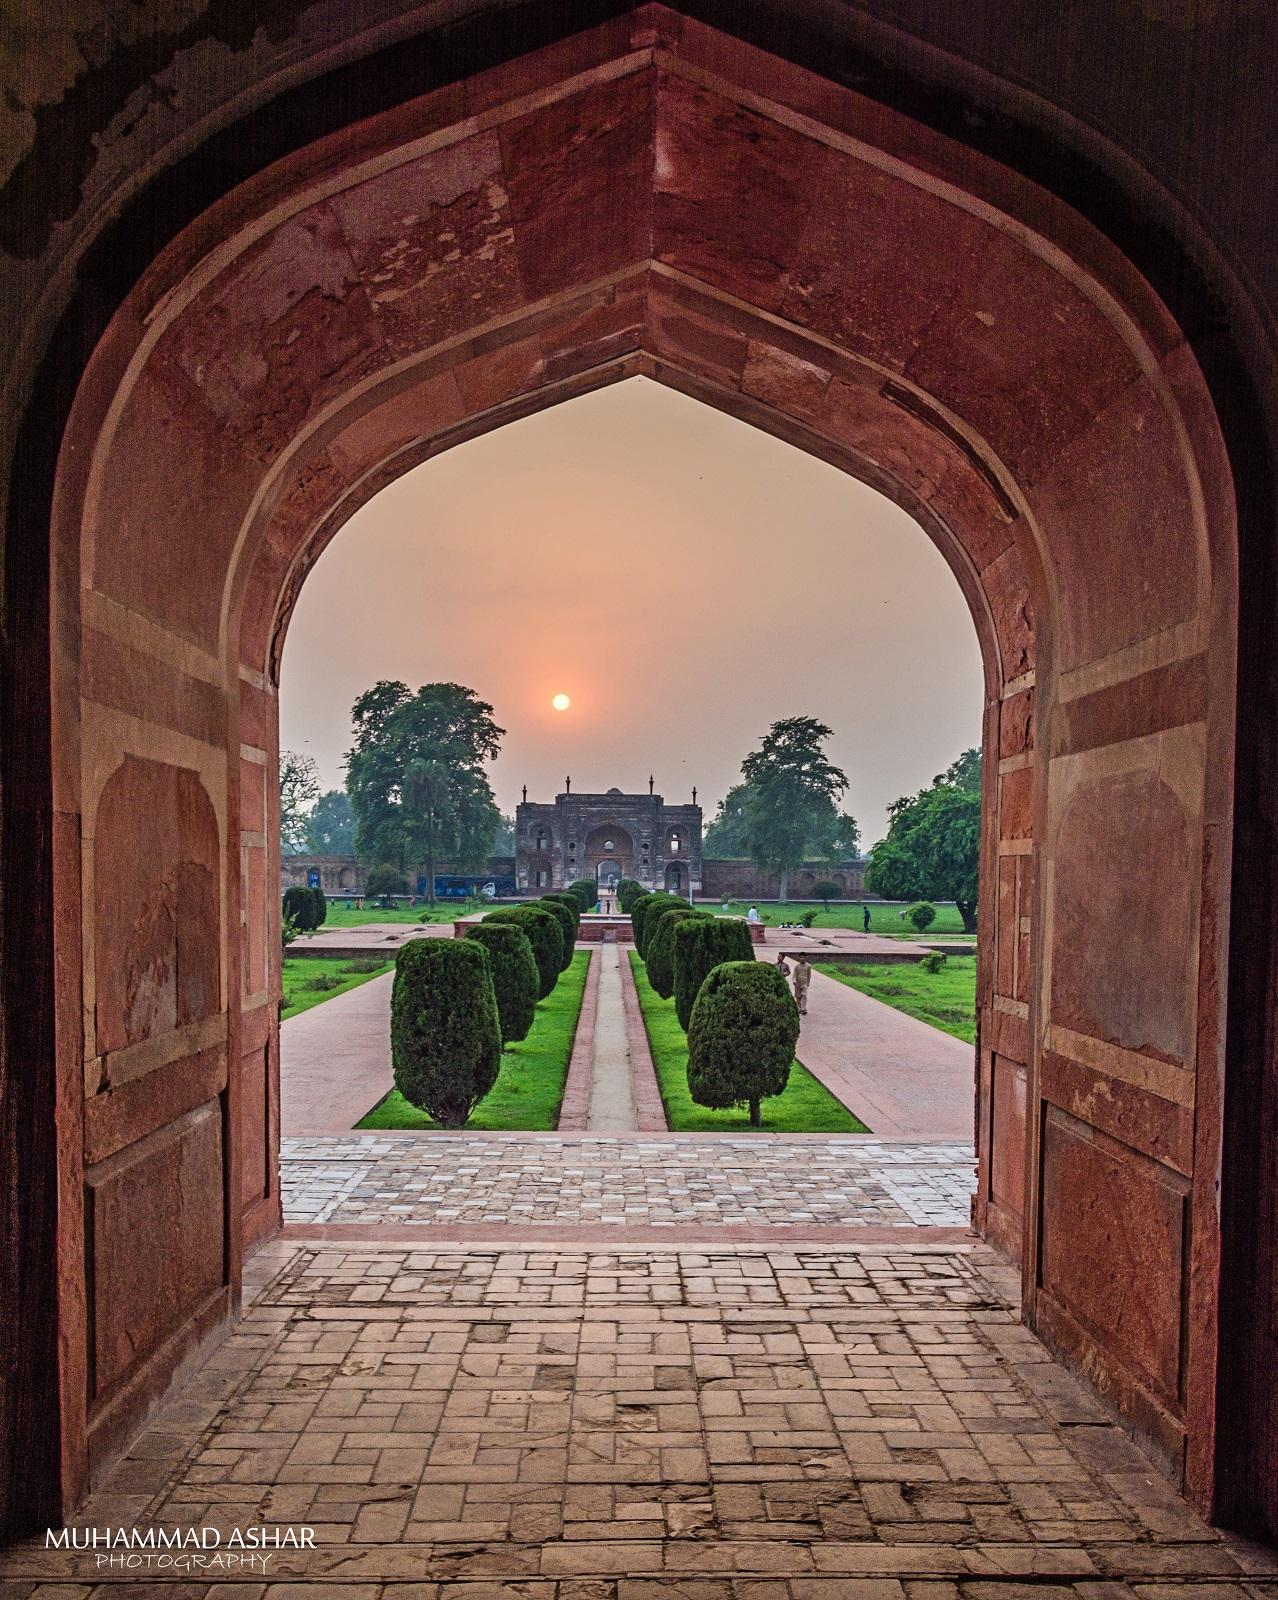 Emperor Jahangir's Tomb